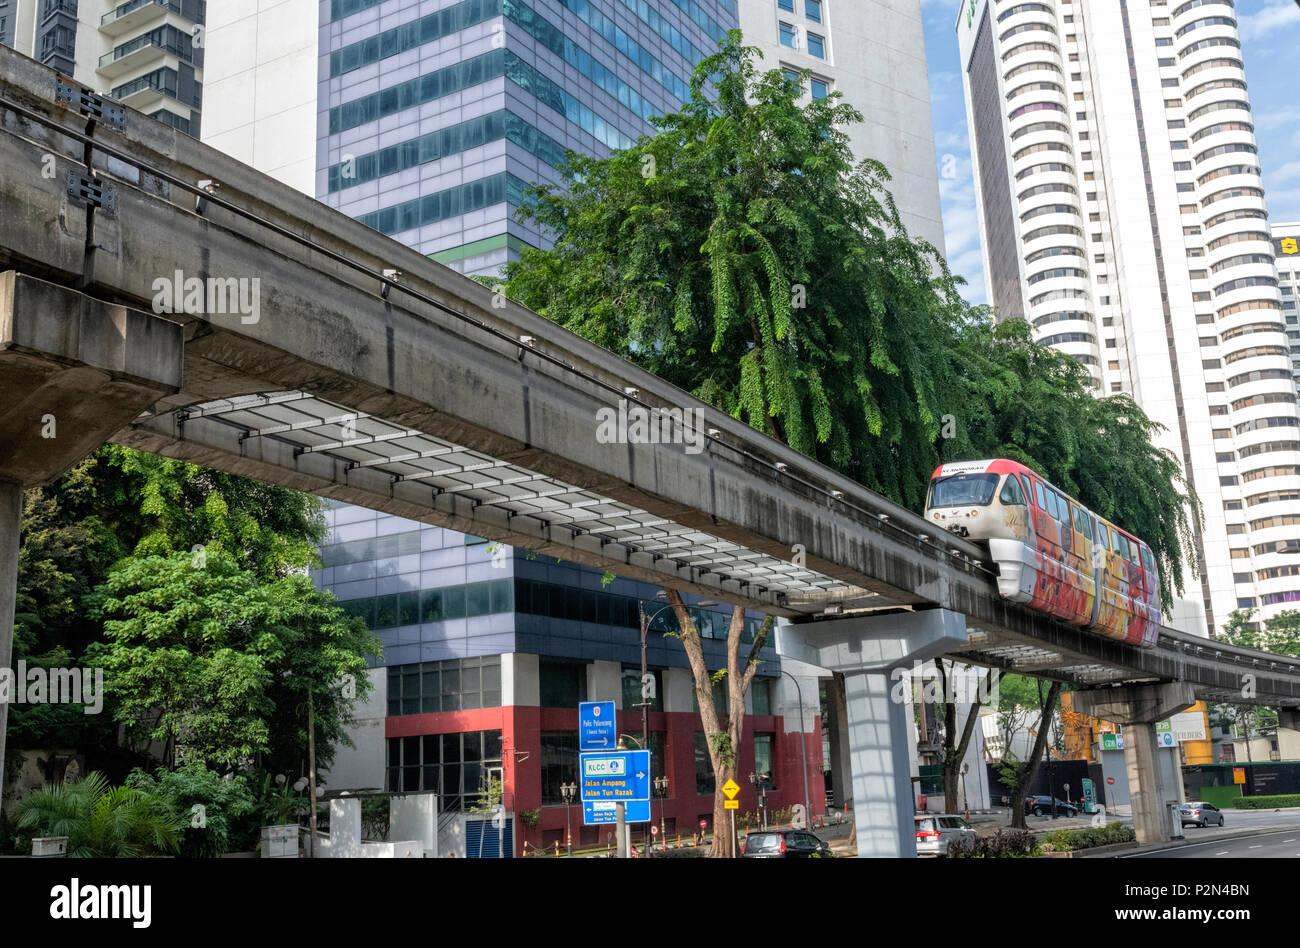 Eine Einschienenbahn Auto läuft über eine Hauptstraße in der Mitte von Kuala Lumpur, Malaysia Stockbild